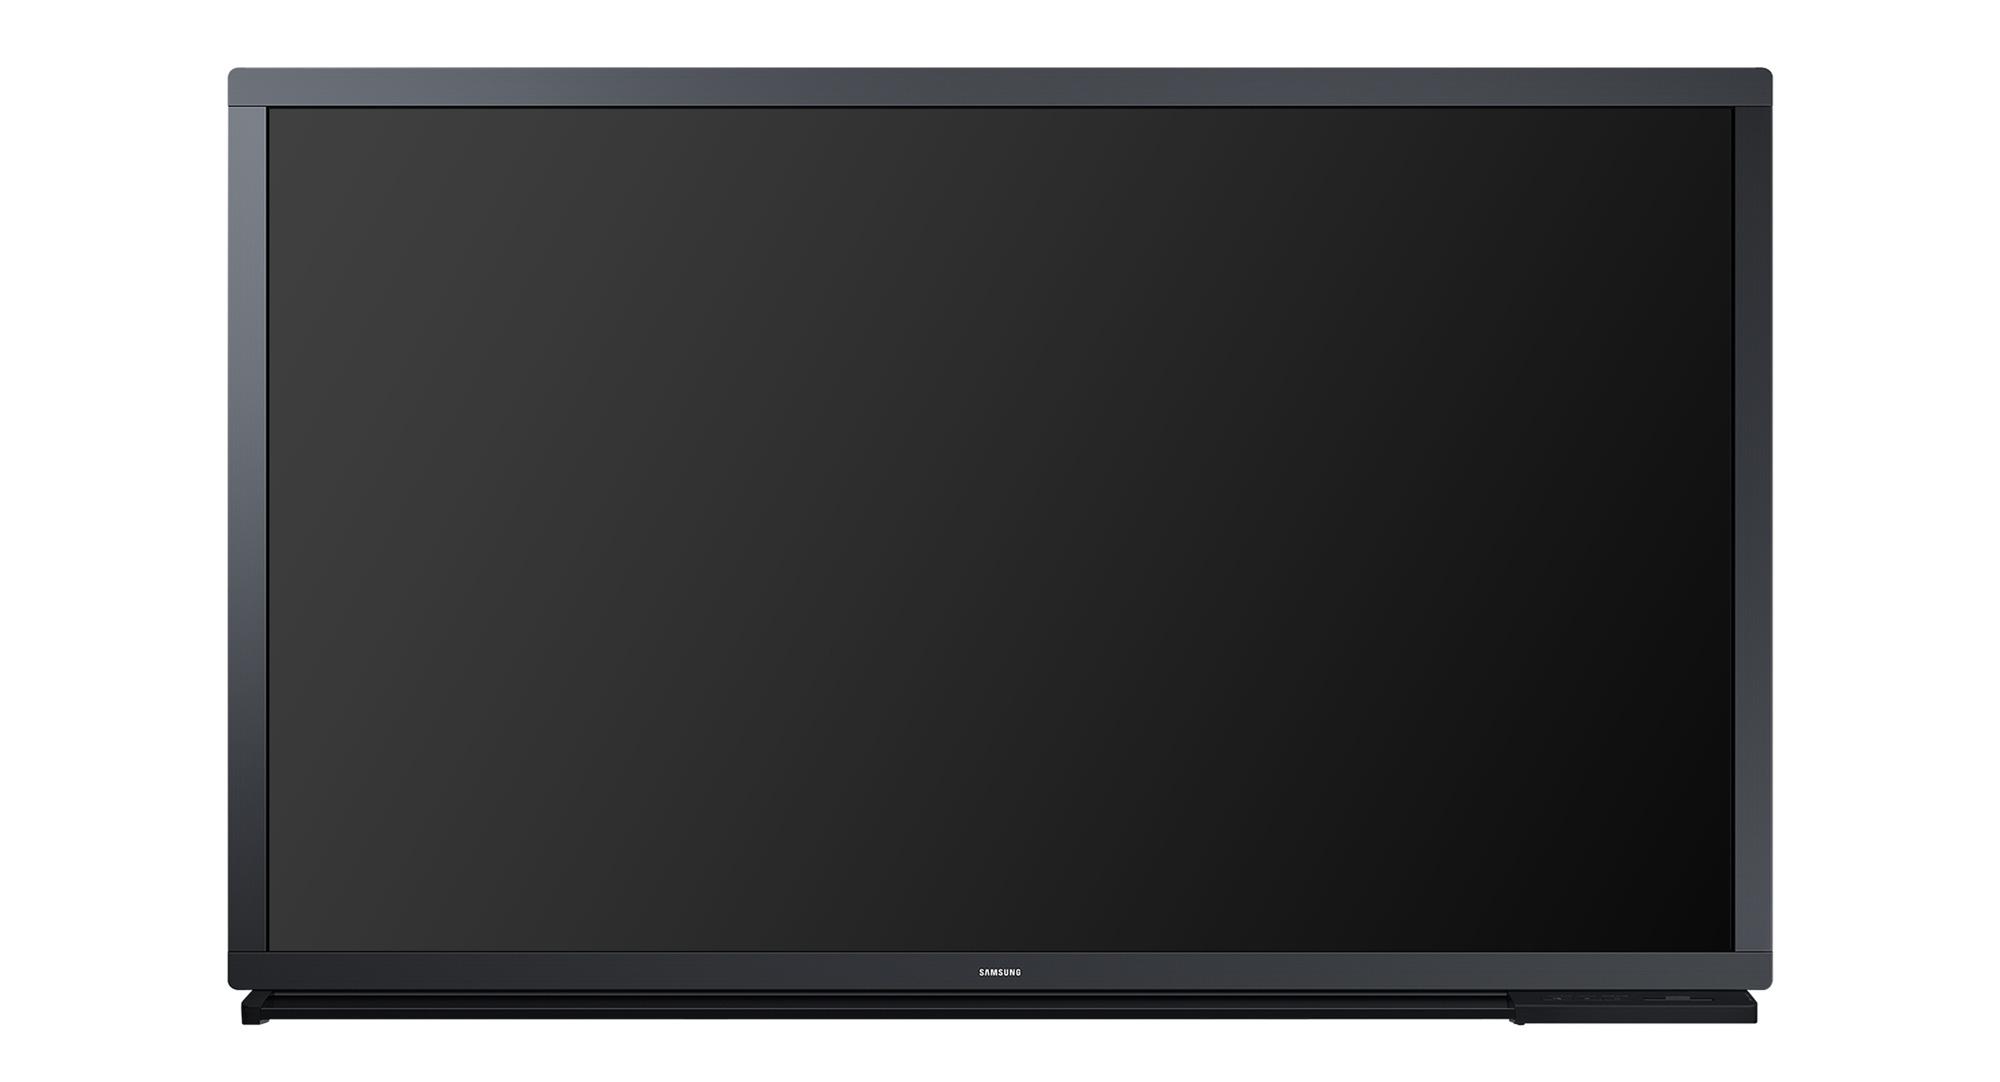 Samsung-DM65E-BR-front.jpg